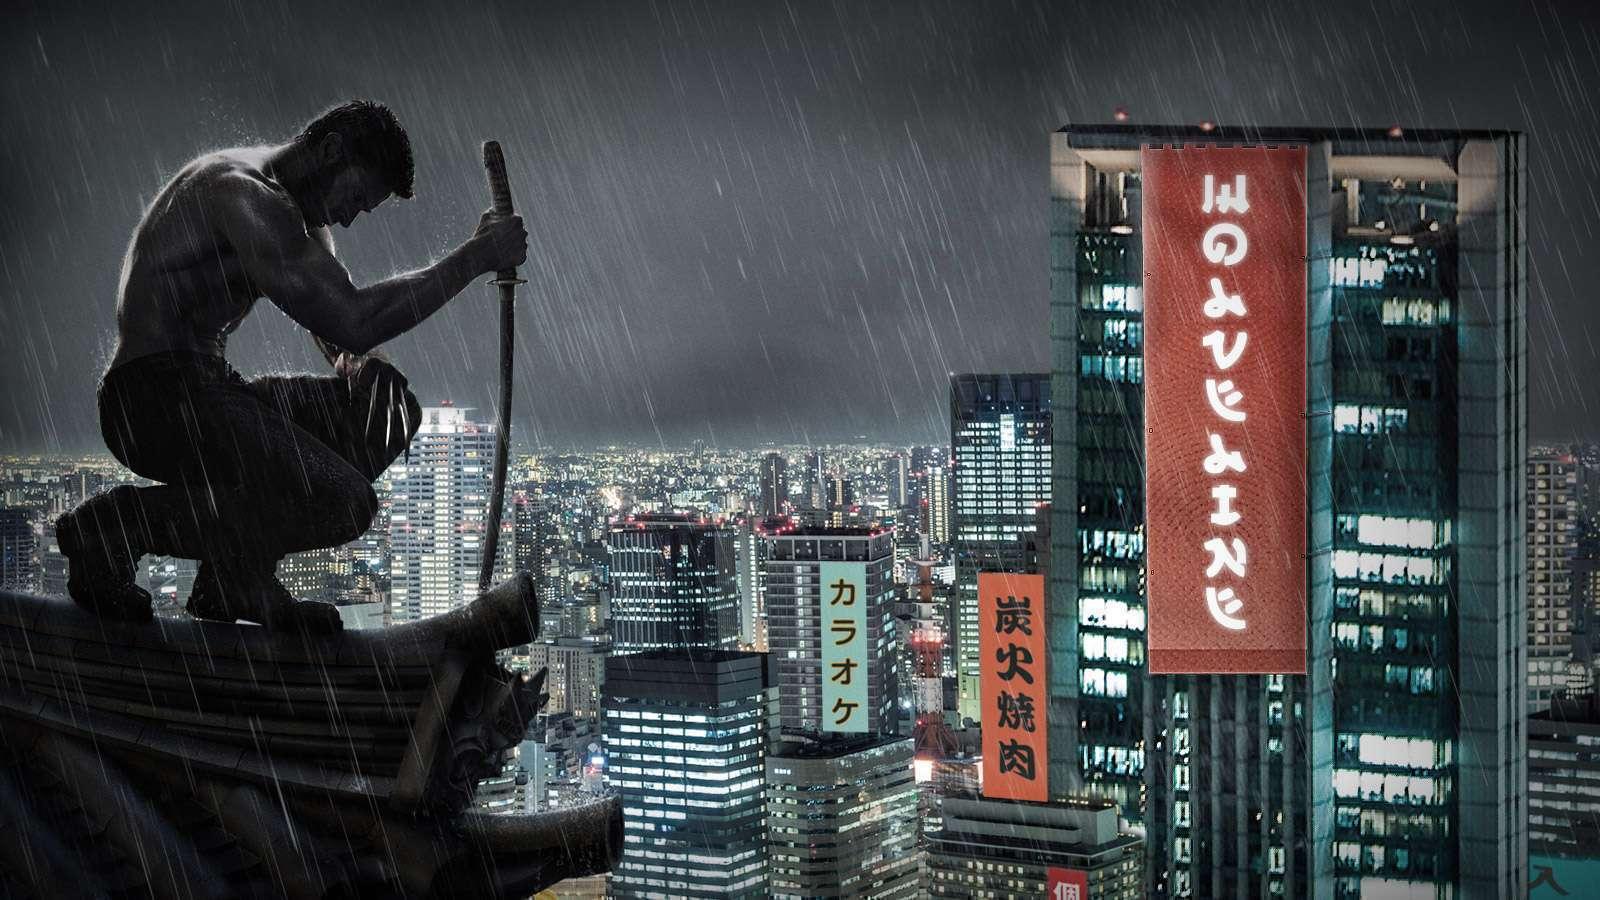 Praticamente um ronin, um samurai sem mestre